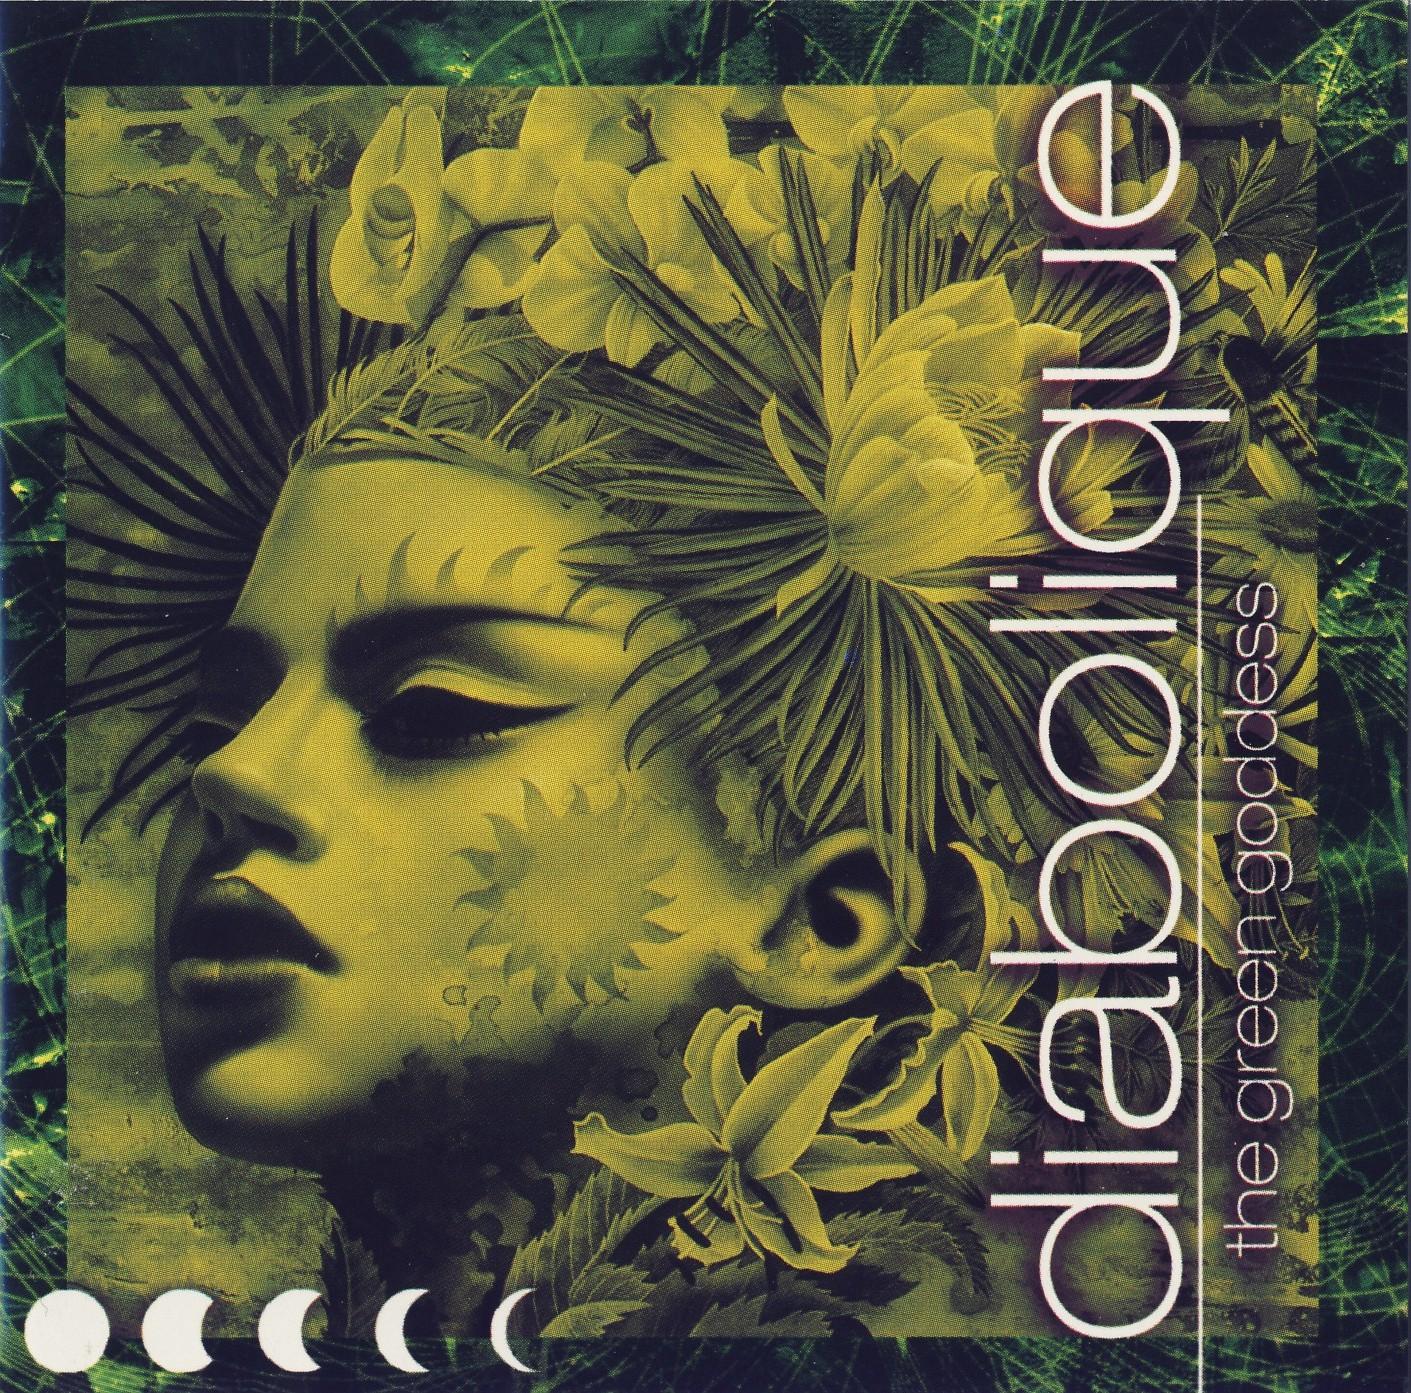 Você Precisa Ouvir: Diabolique – The Green Goddess (2001)